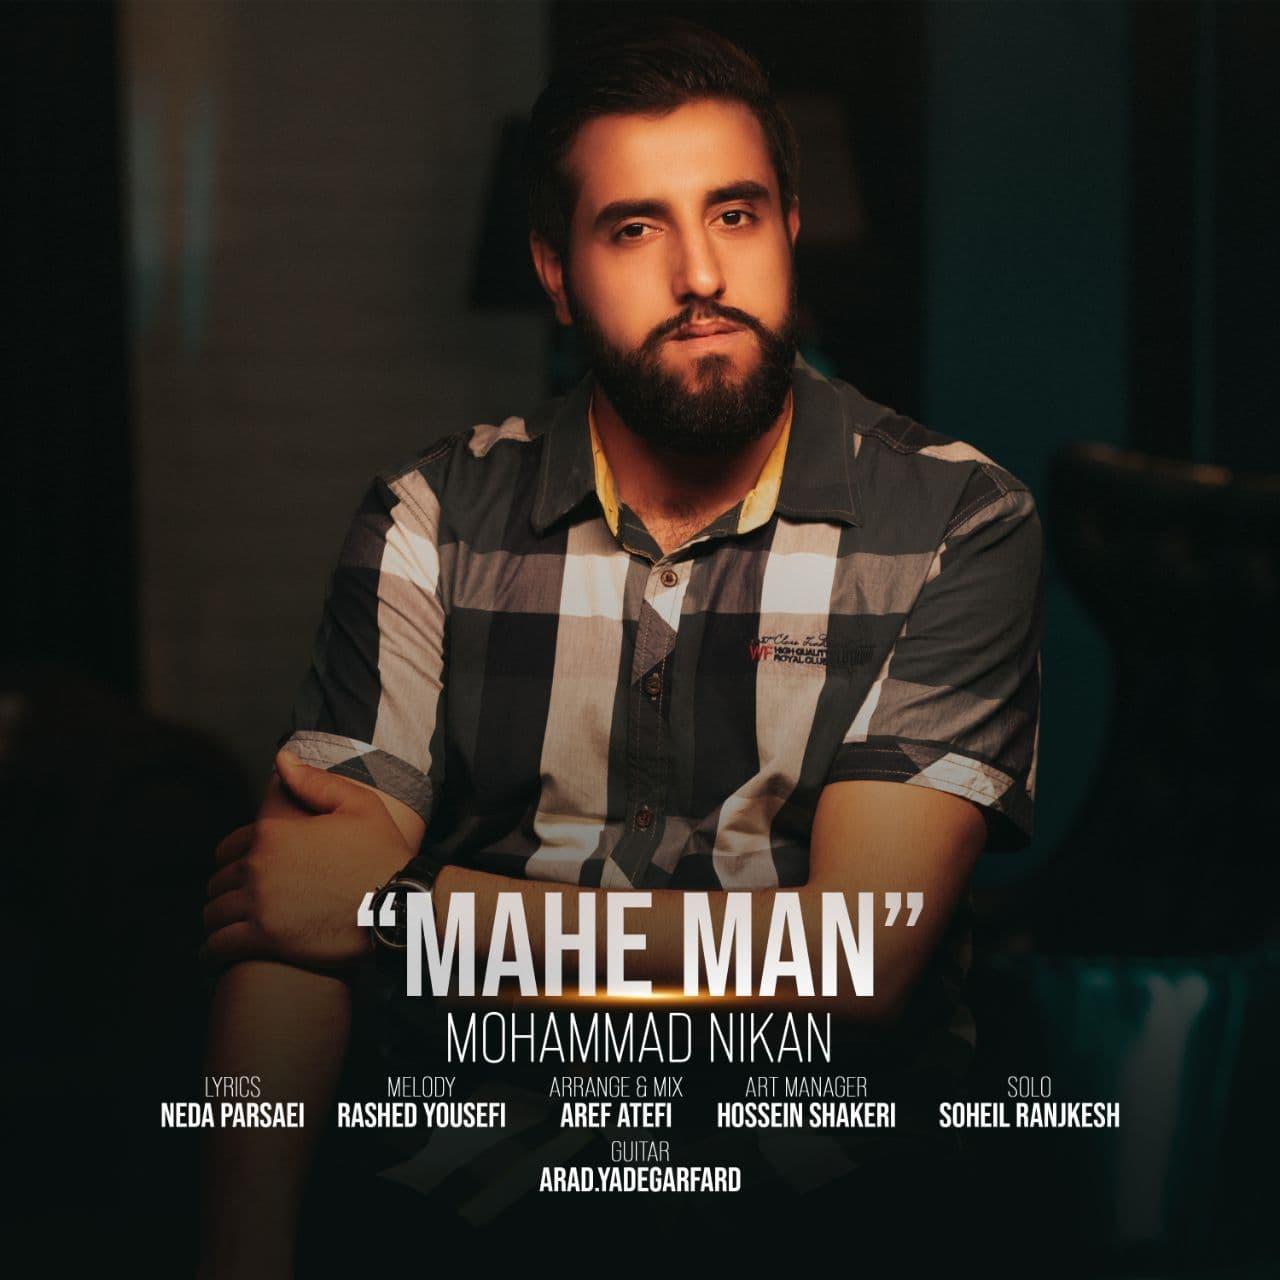 دانلود موزیک جدید ماه من از محمد نیکان